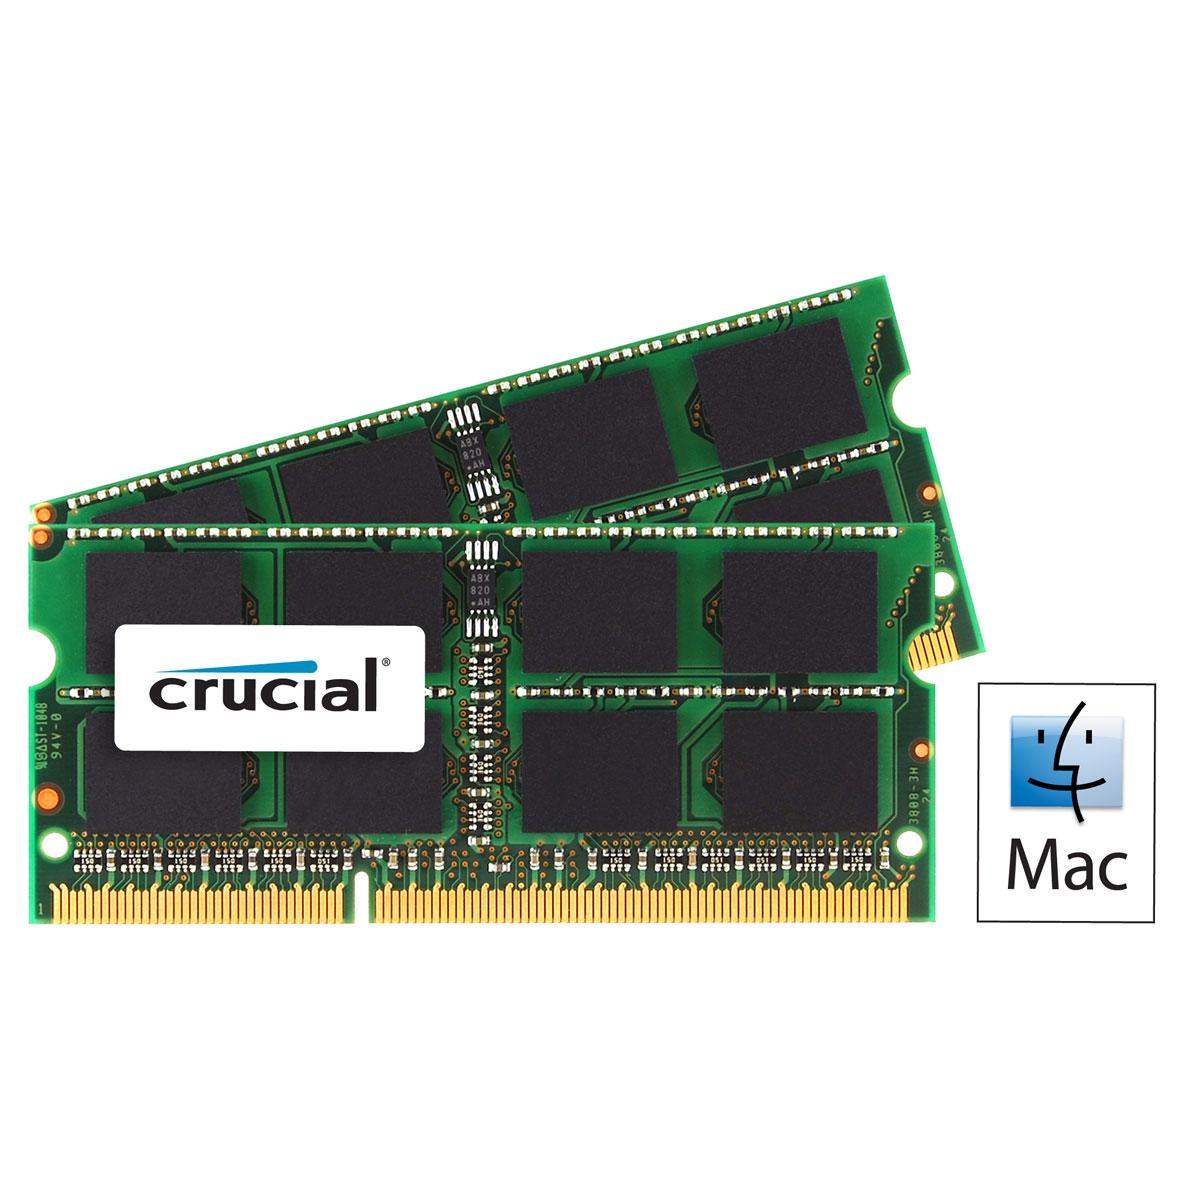 macbook 5 1 ram upgrade instructions